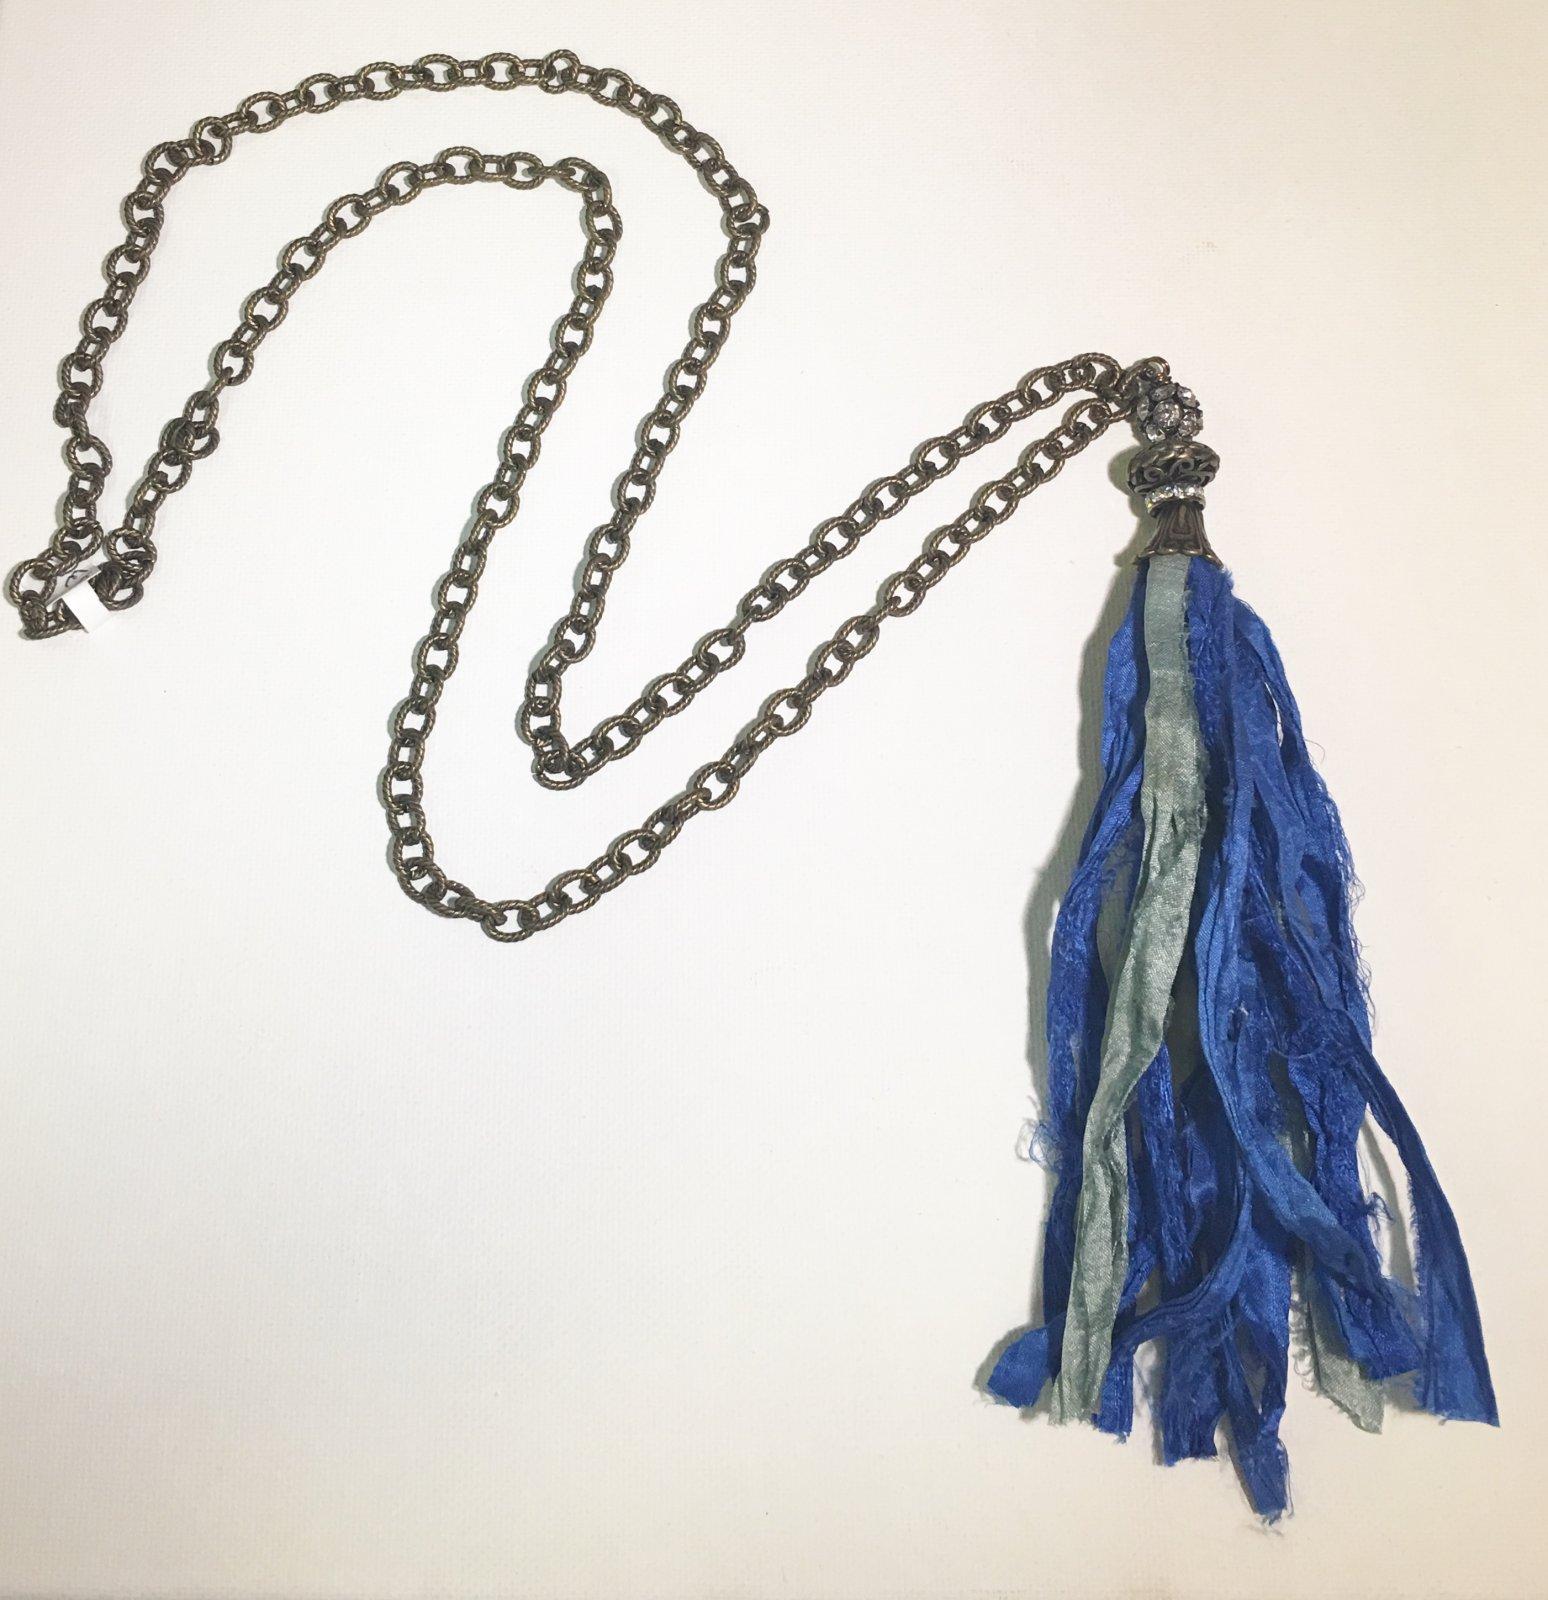 Blue Tassel on Bronze Chain 0023